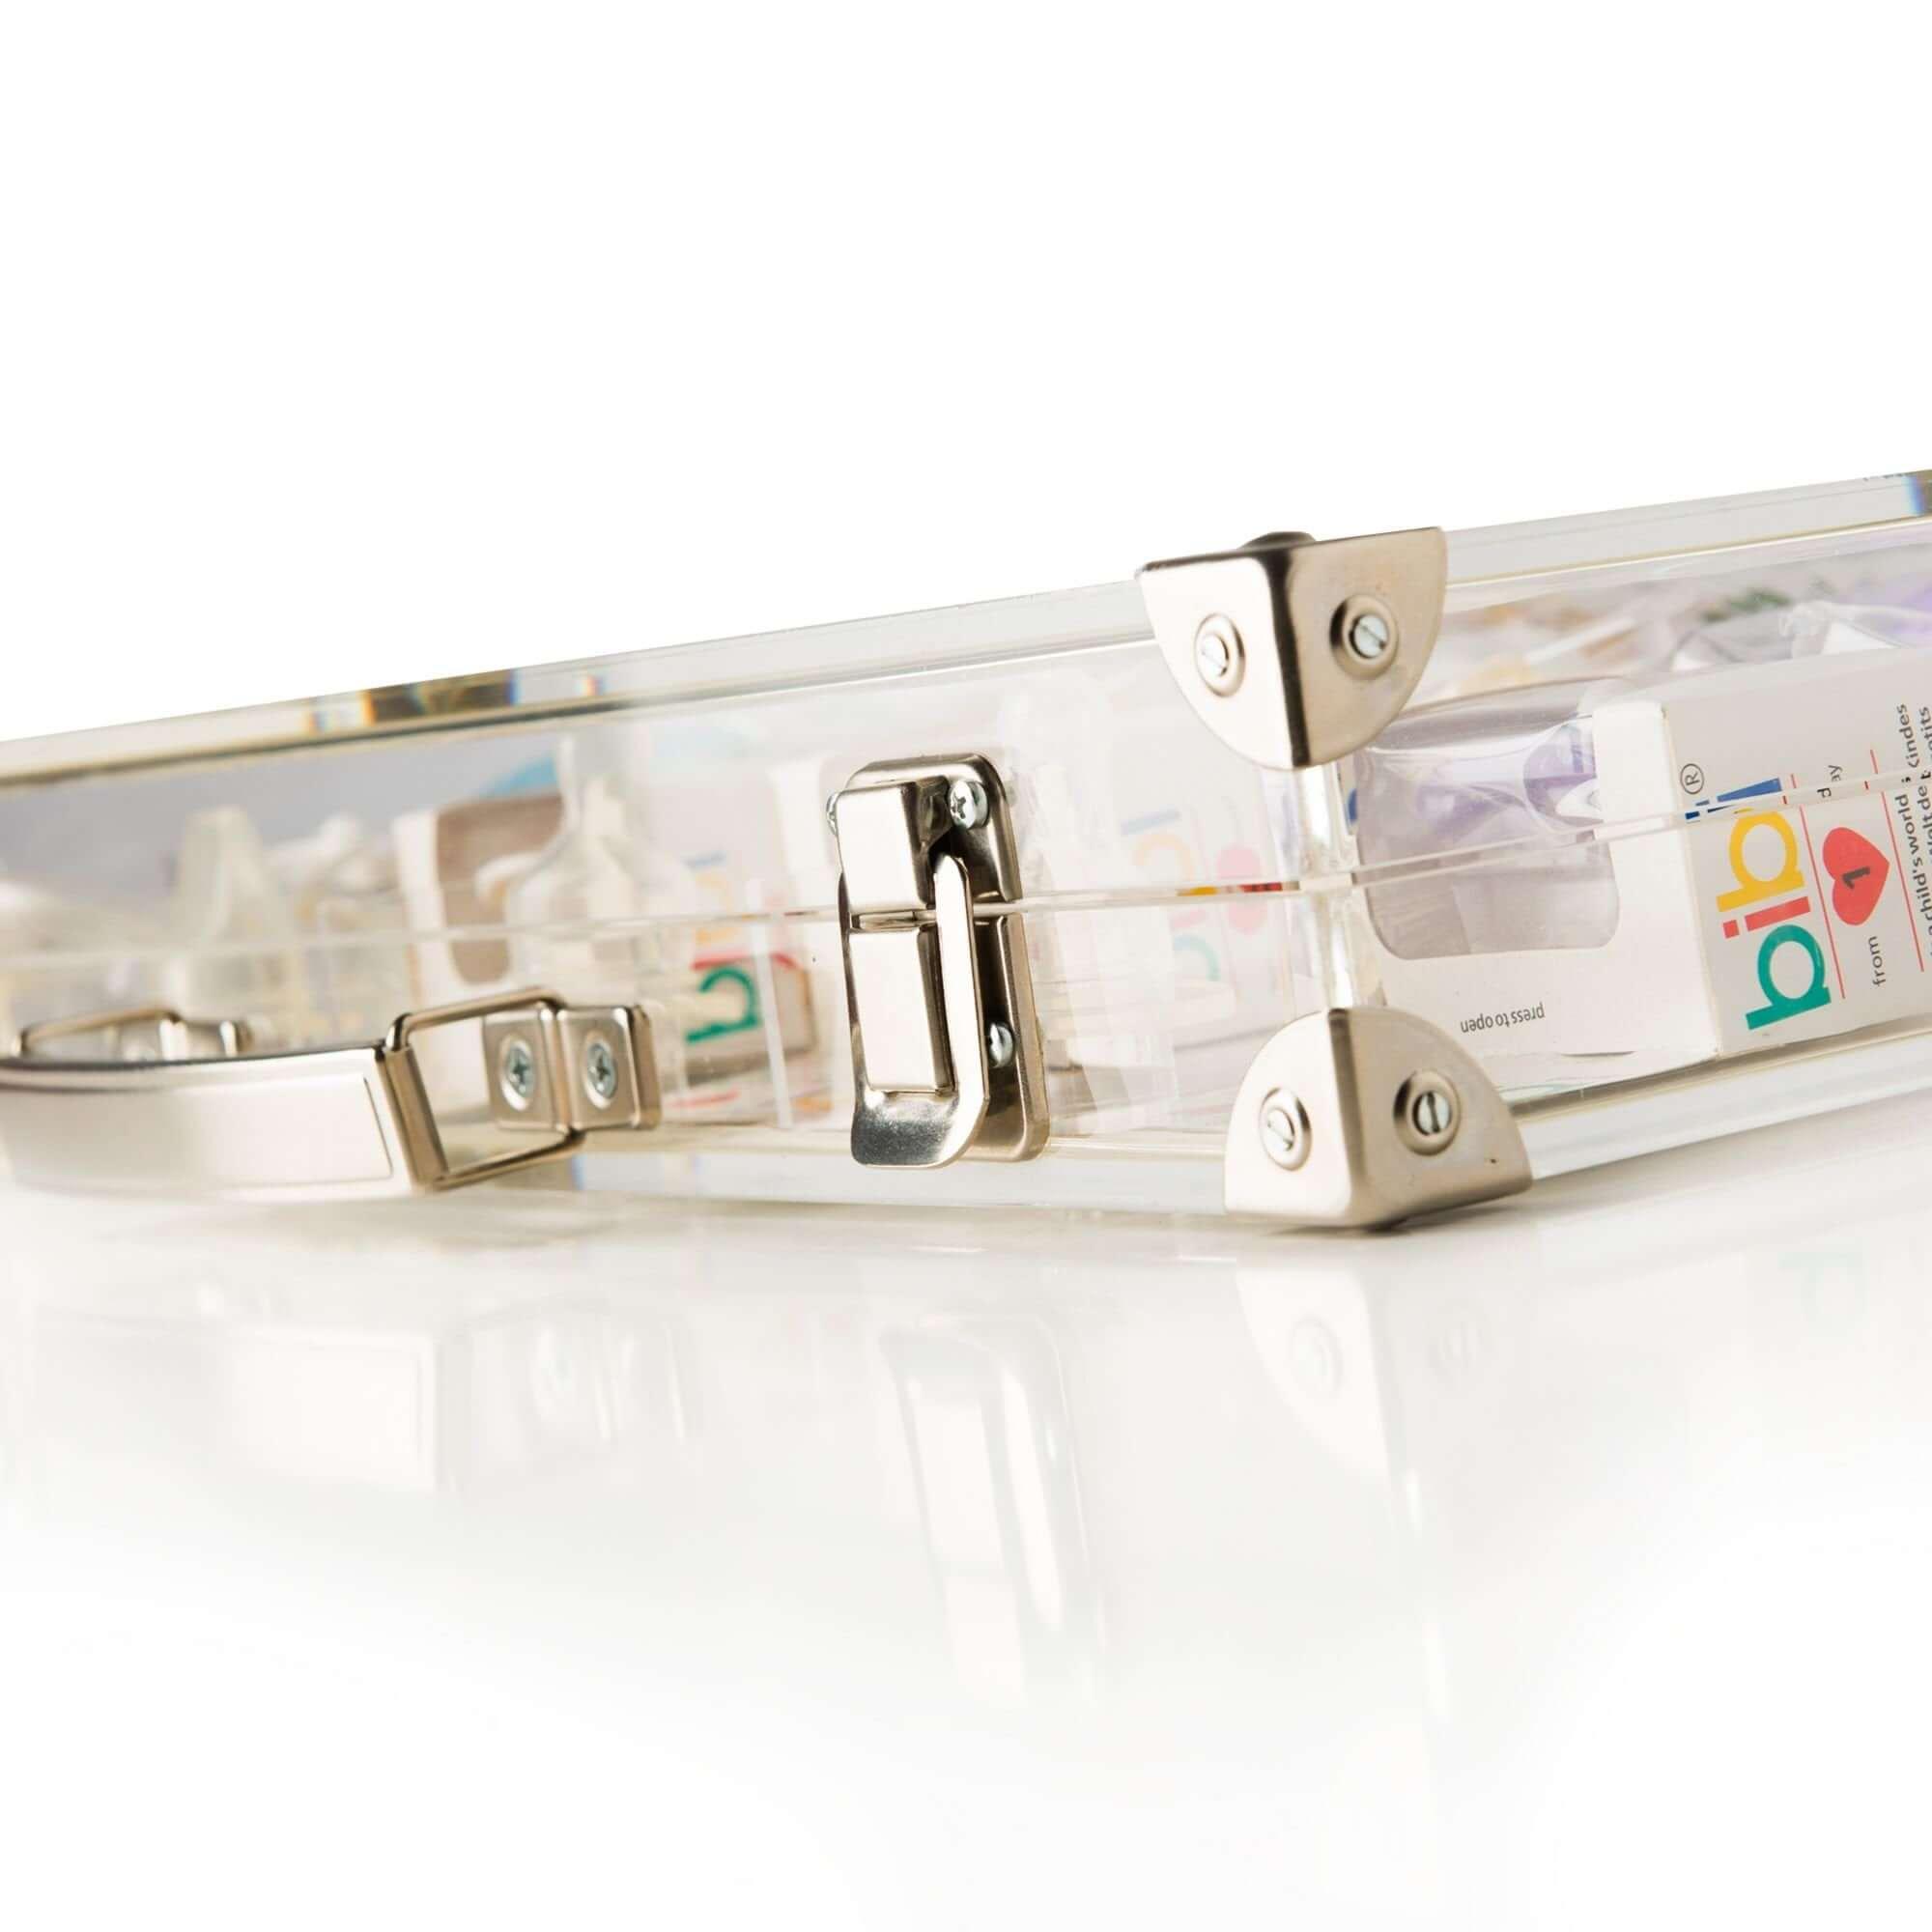 Acryline Zeigekoffer für Produkte aus Acrylglas acryl kunststoff werbung verkauf laden dekoration geschenk verkaufsförderung individuell verkaufskoffer koffer produktekoffer display